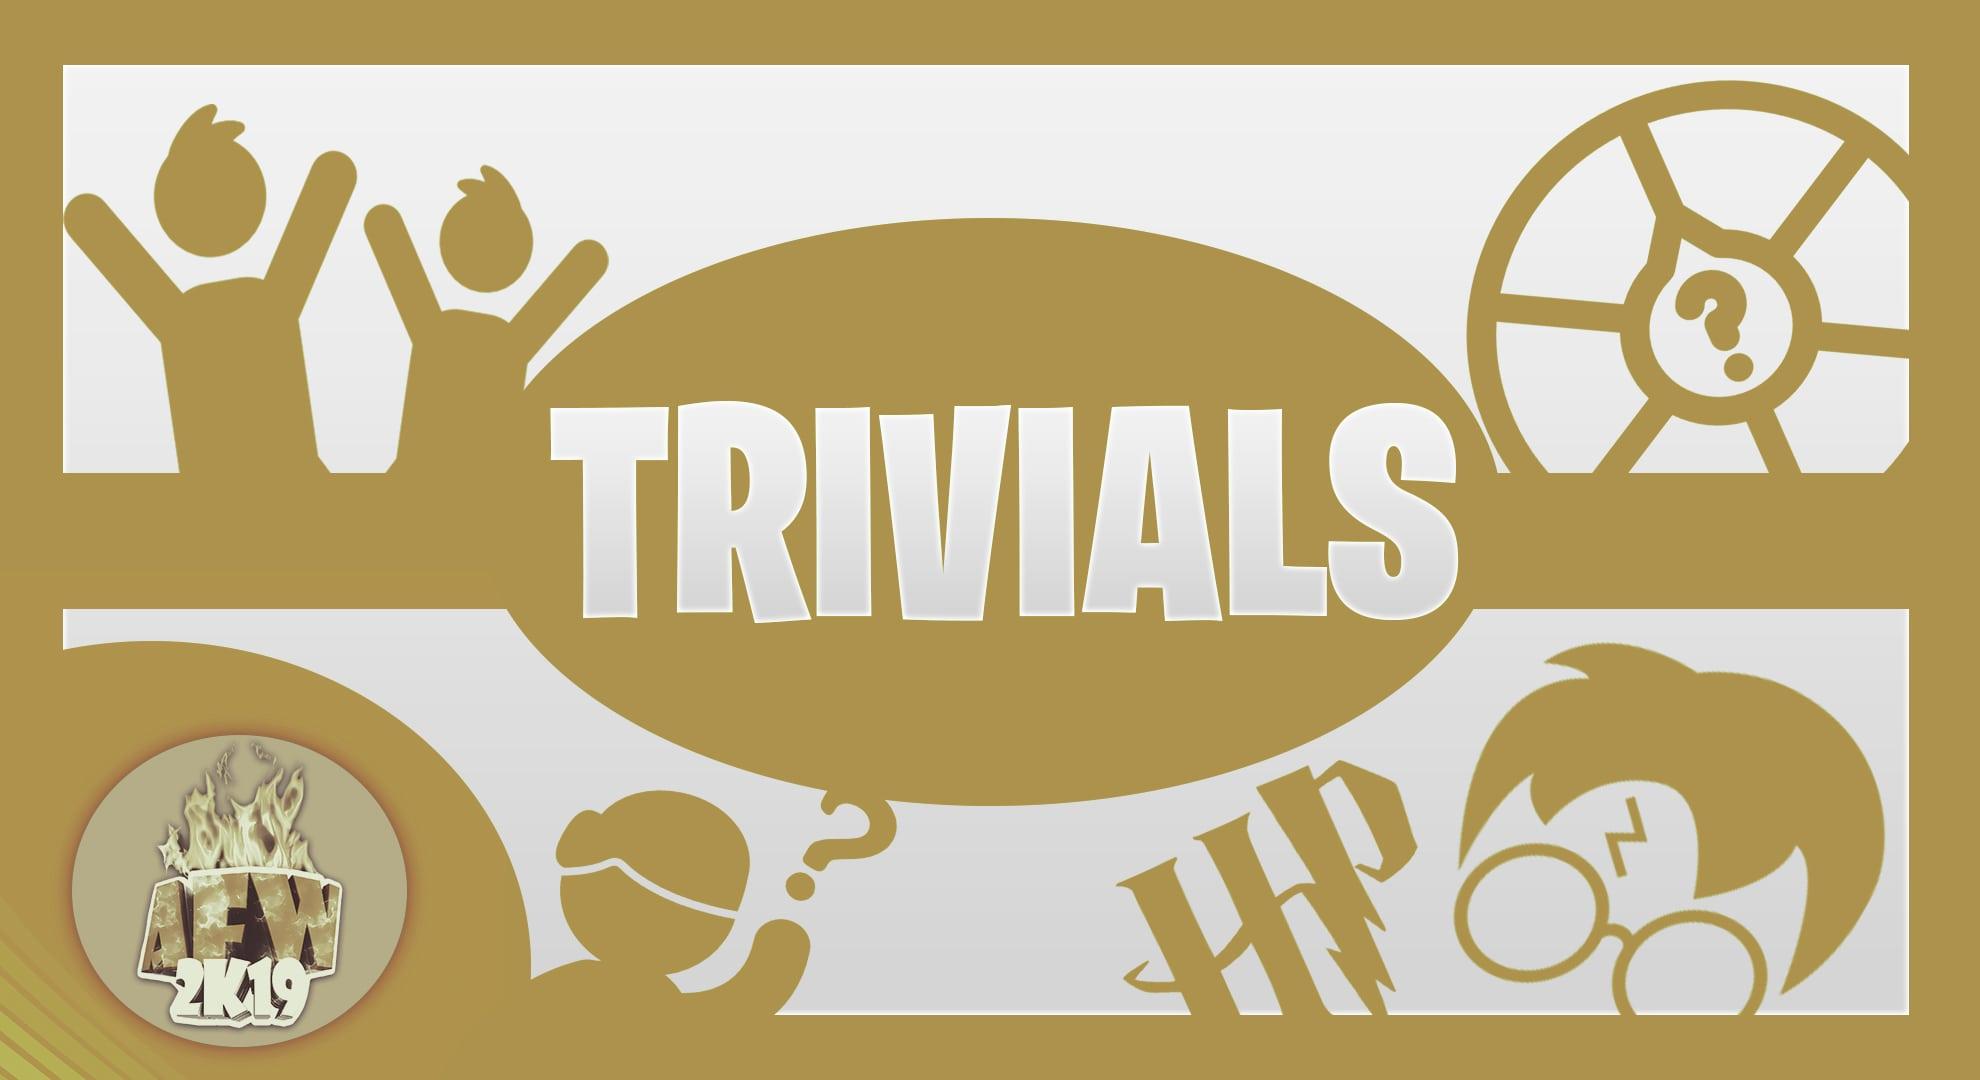 trivials